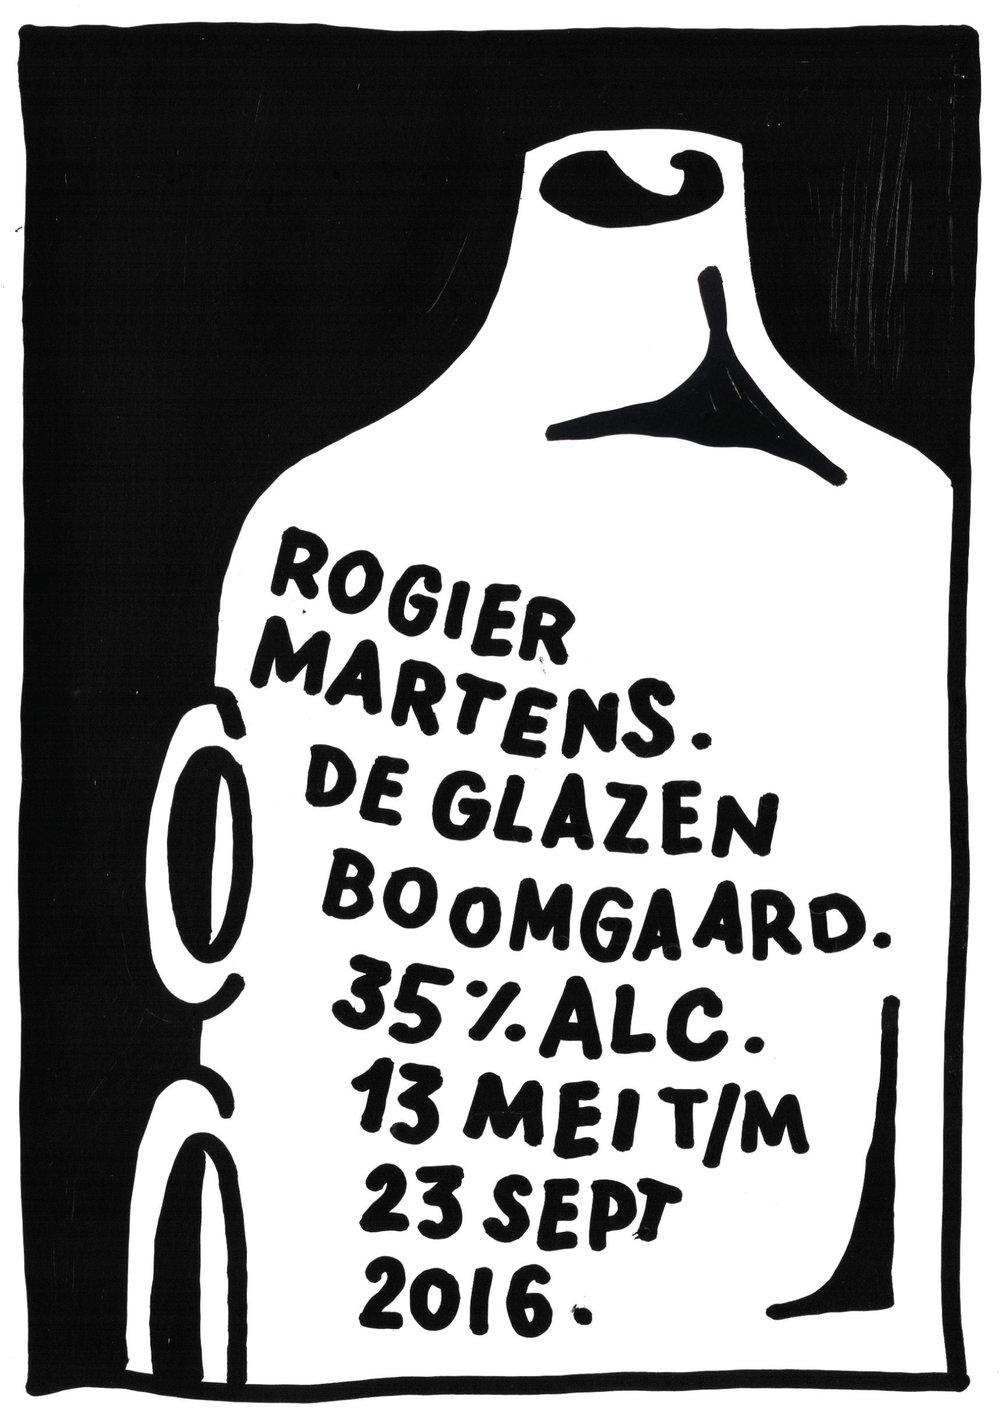 GLAZEN BOOMGAARD NATIONAAL GLASMUSEUM ROGIER MARTENS affiche voorzijde.jpg